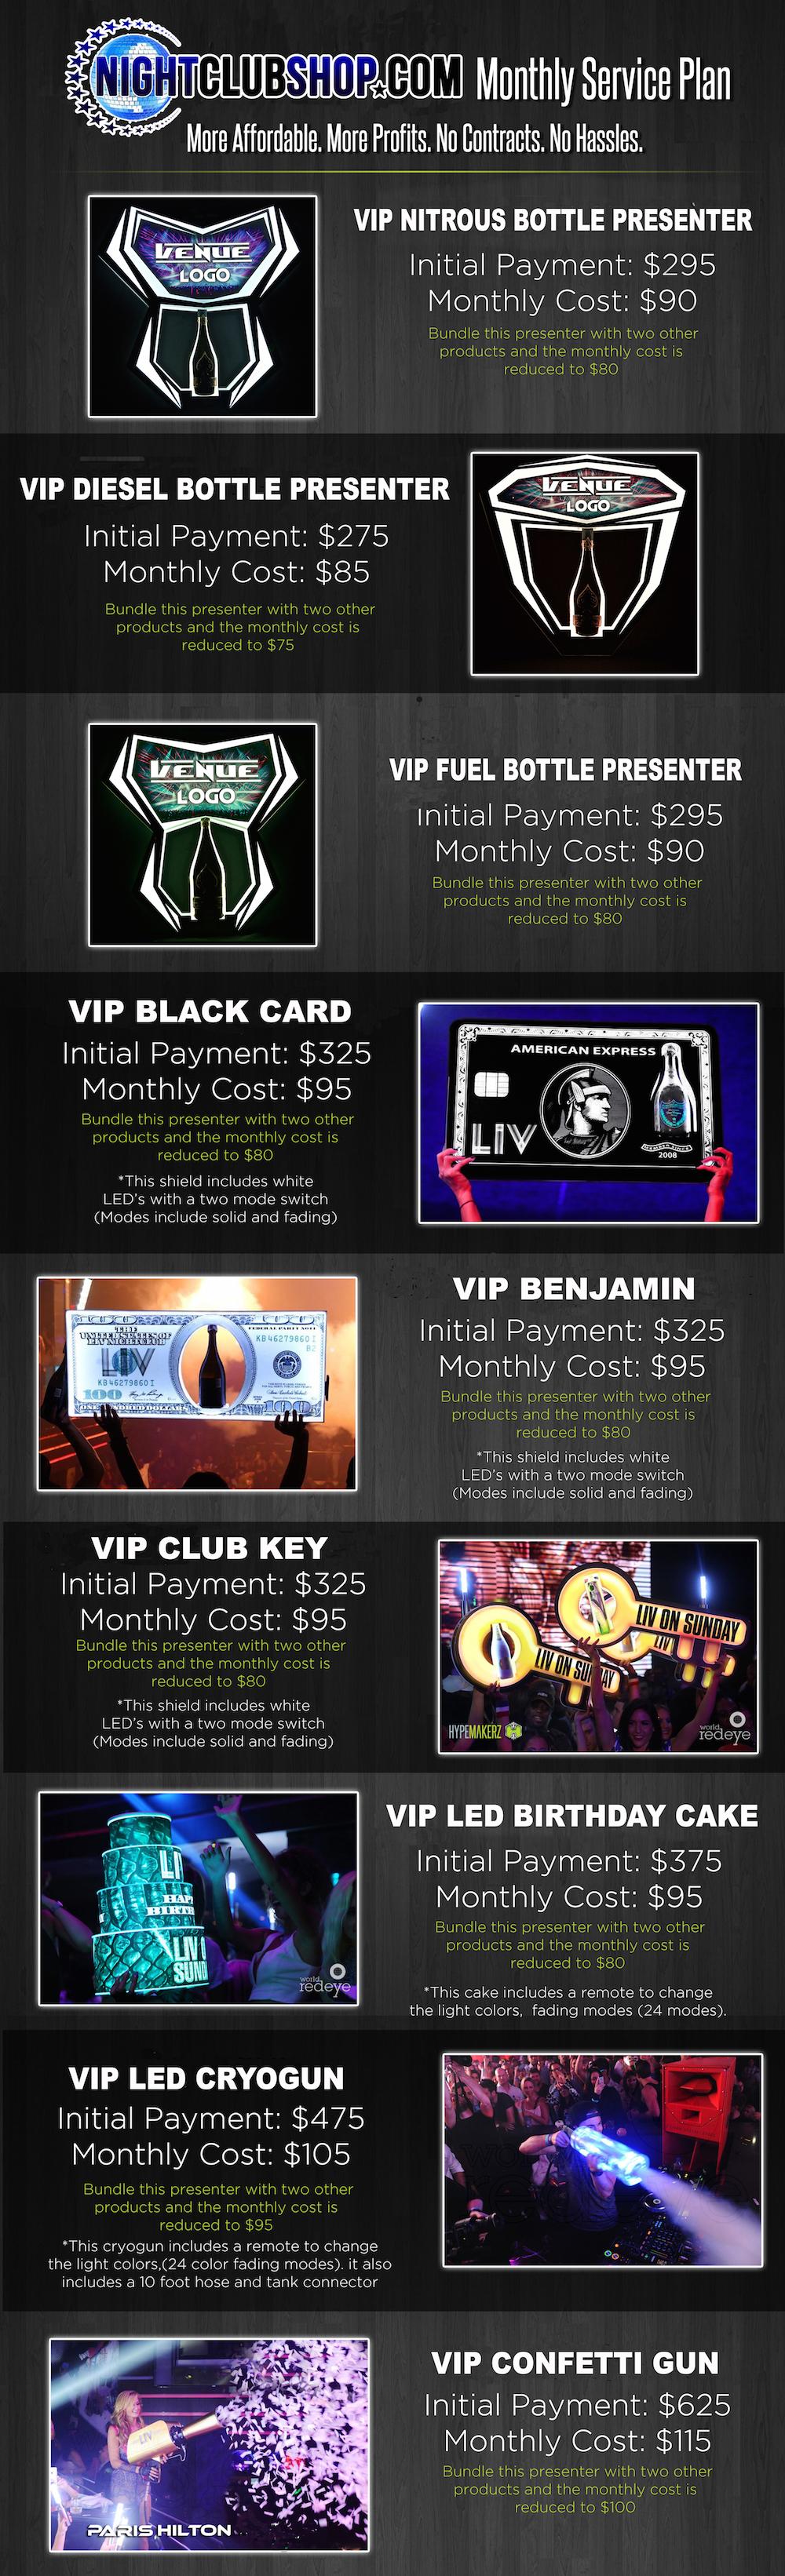 2.nightclubshop-hypemakerz-serviceplan-2.jpg